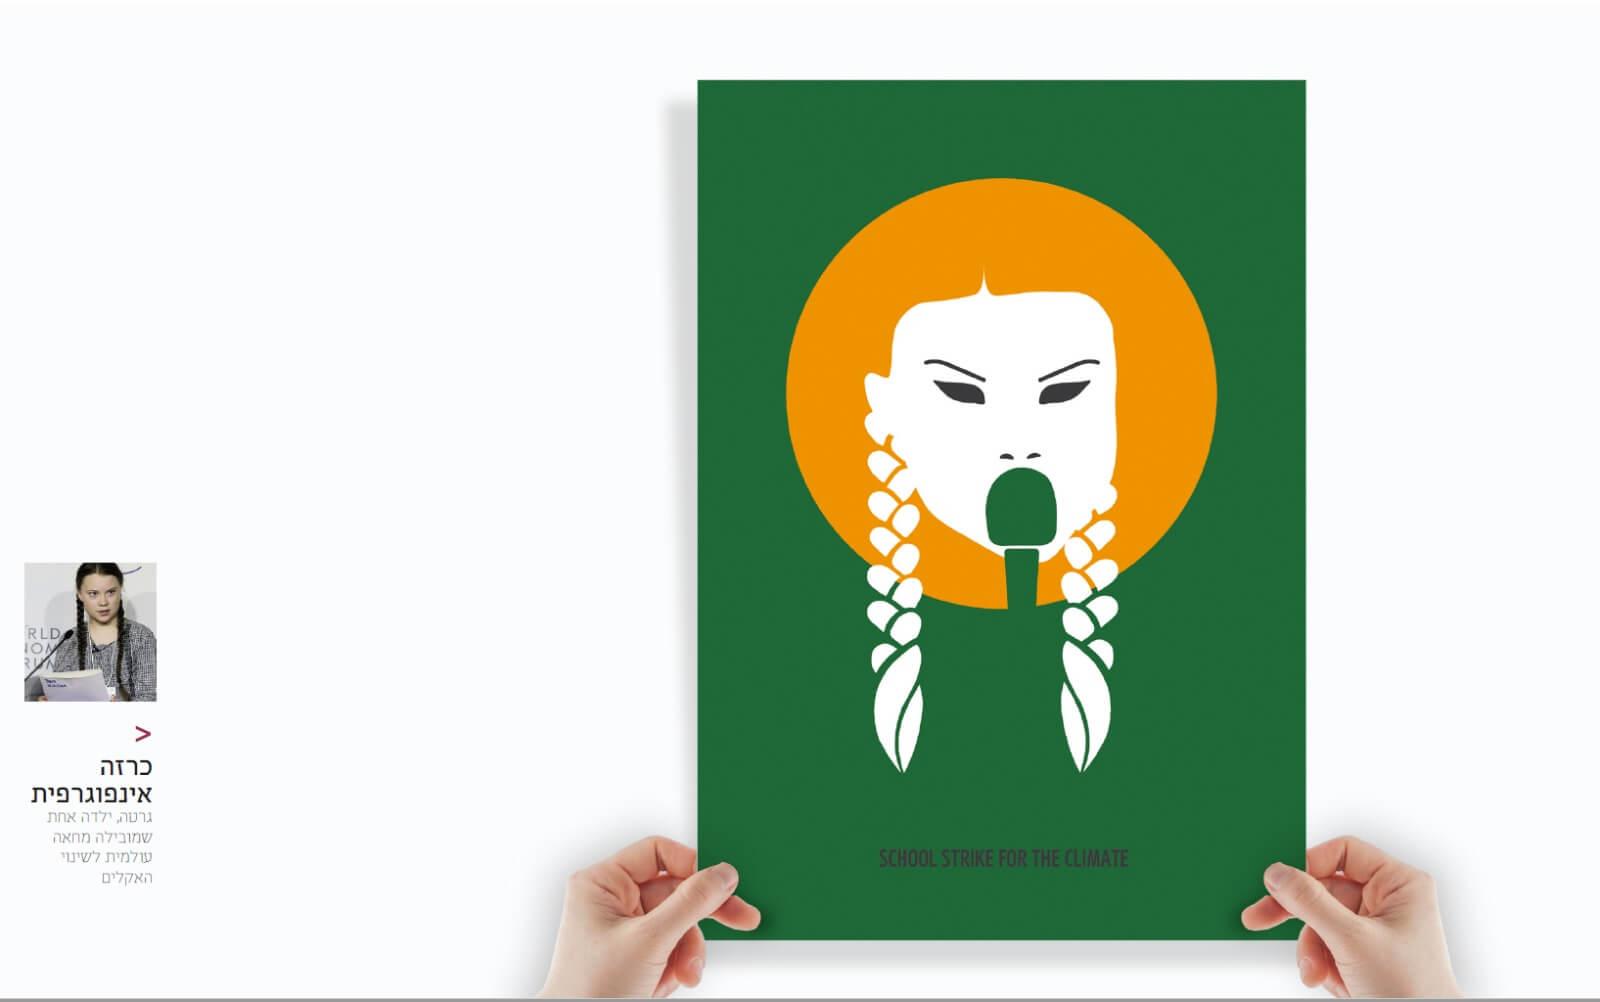 גלריה: בוגרות קורס מיתוג וארט דיירקשן הציגו עבודות גמר מדהימות 4